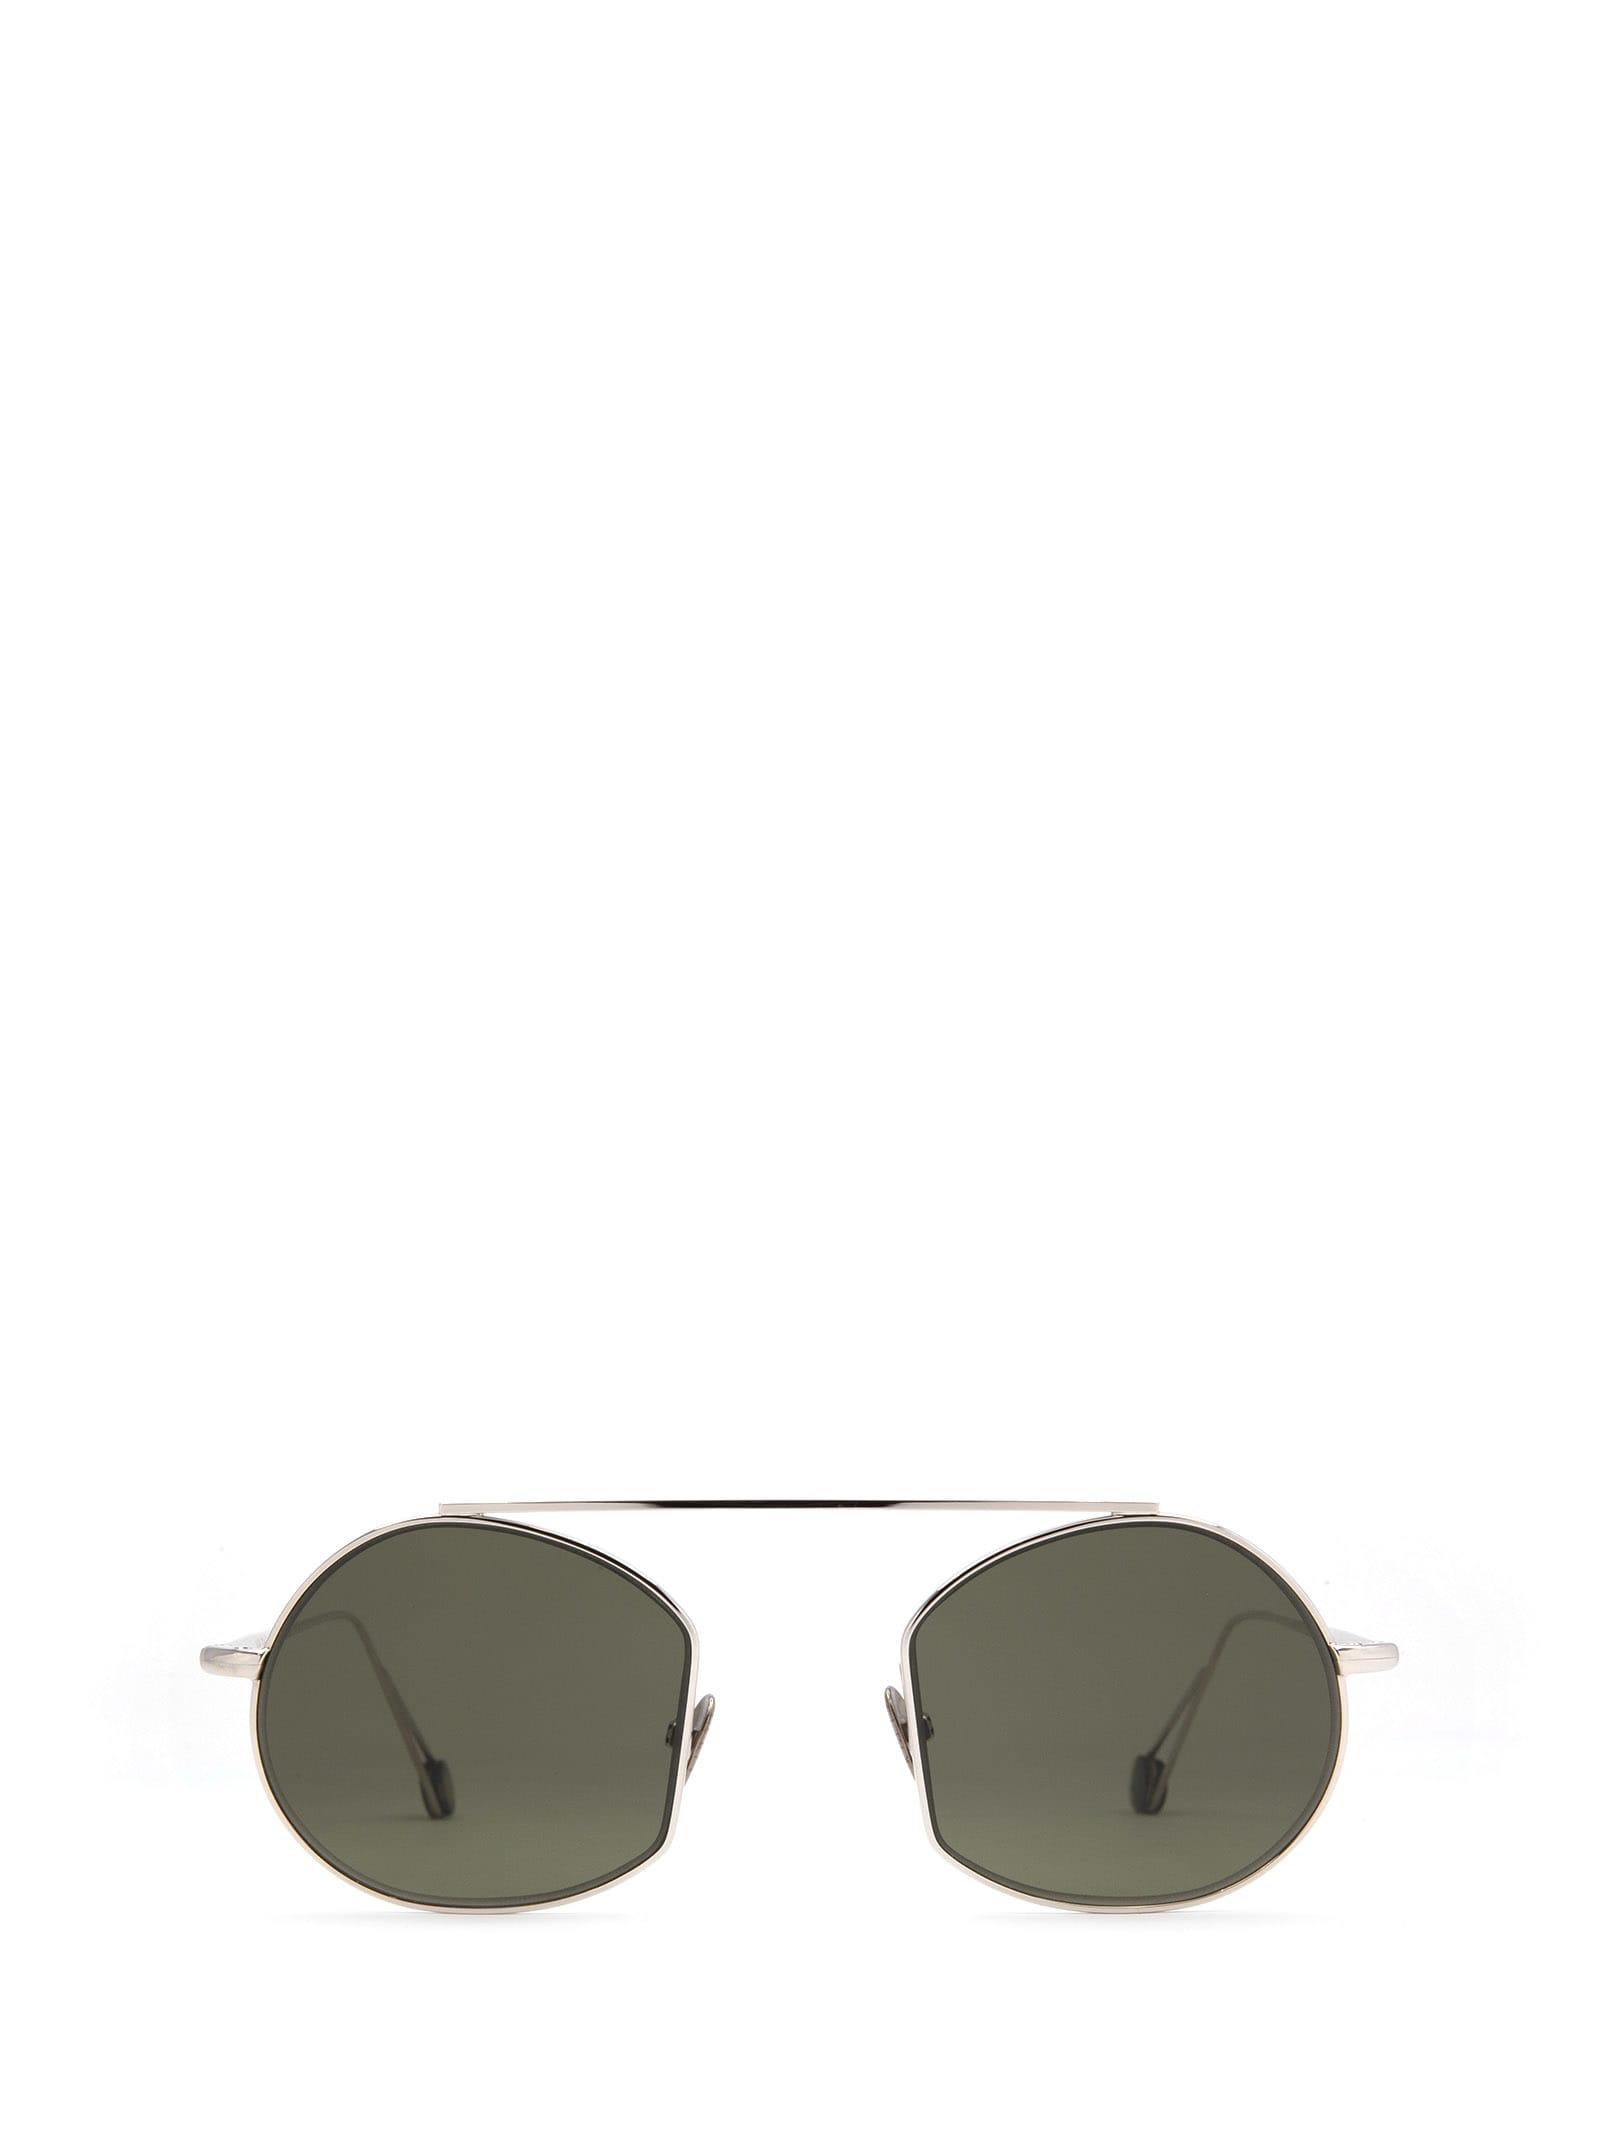 AHLEM Ahlem Place Des Victoires White Gold Sunglasses